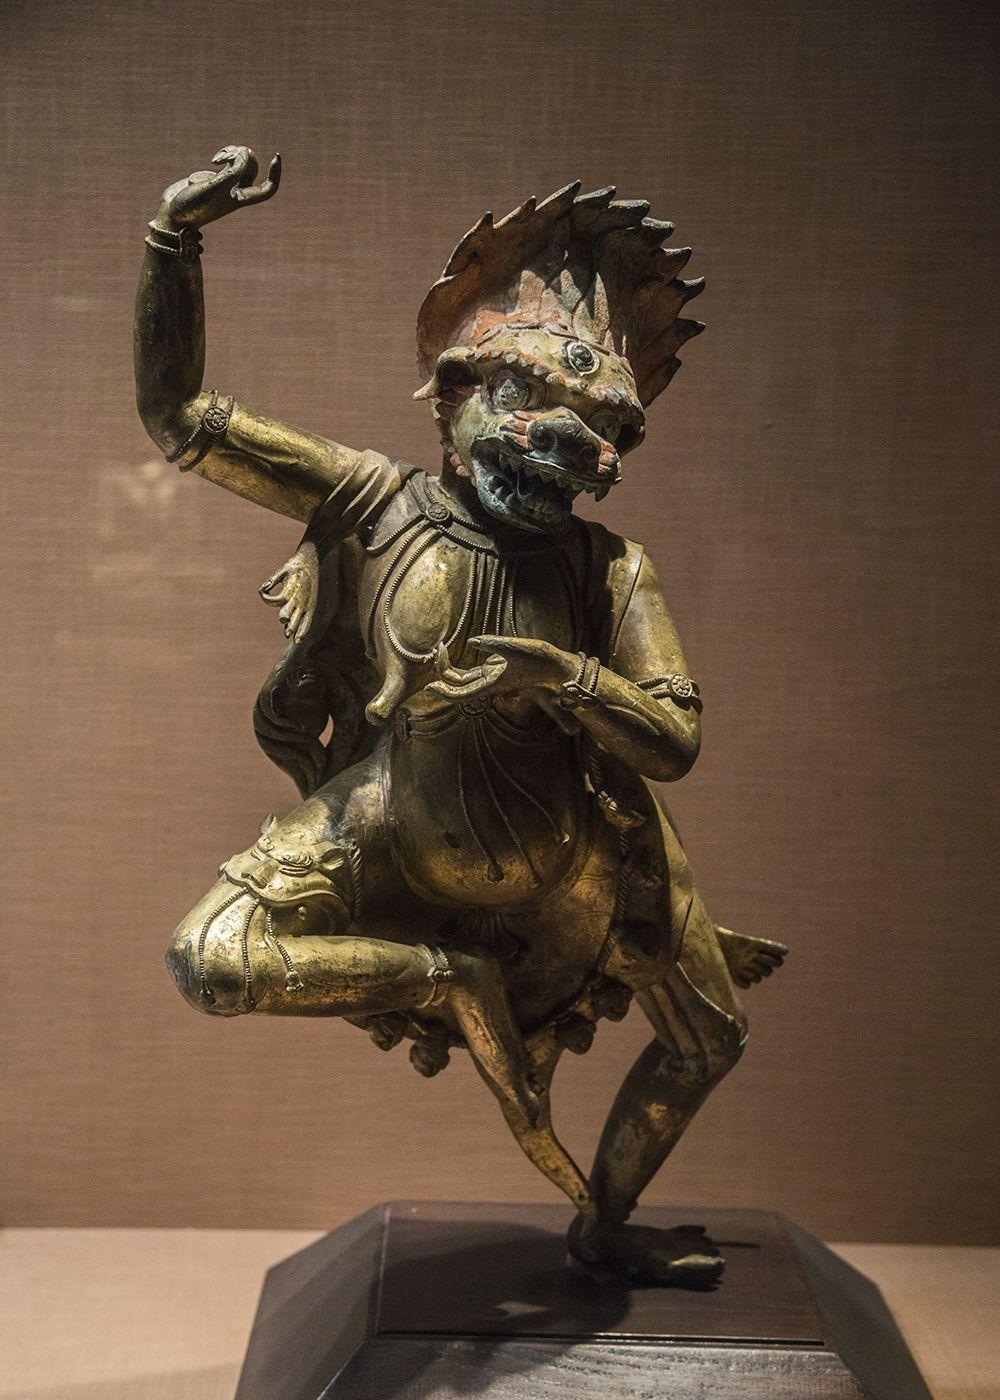 藏传佛教造像艺术,清代仿古风格造像,和早期佛像有明显差异